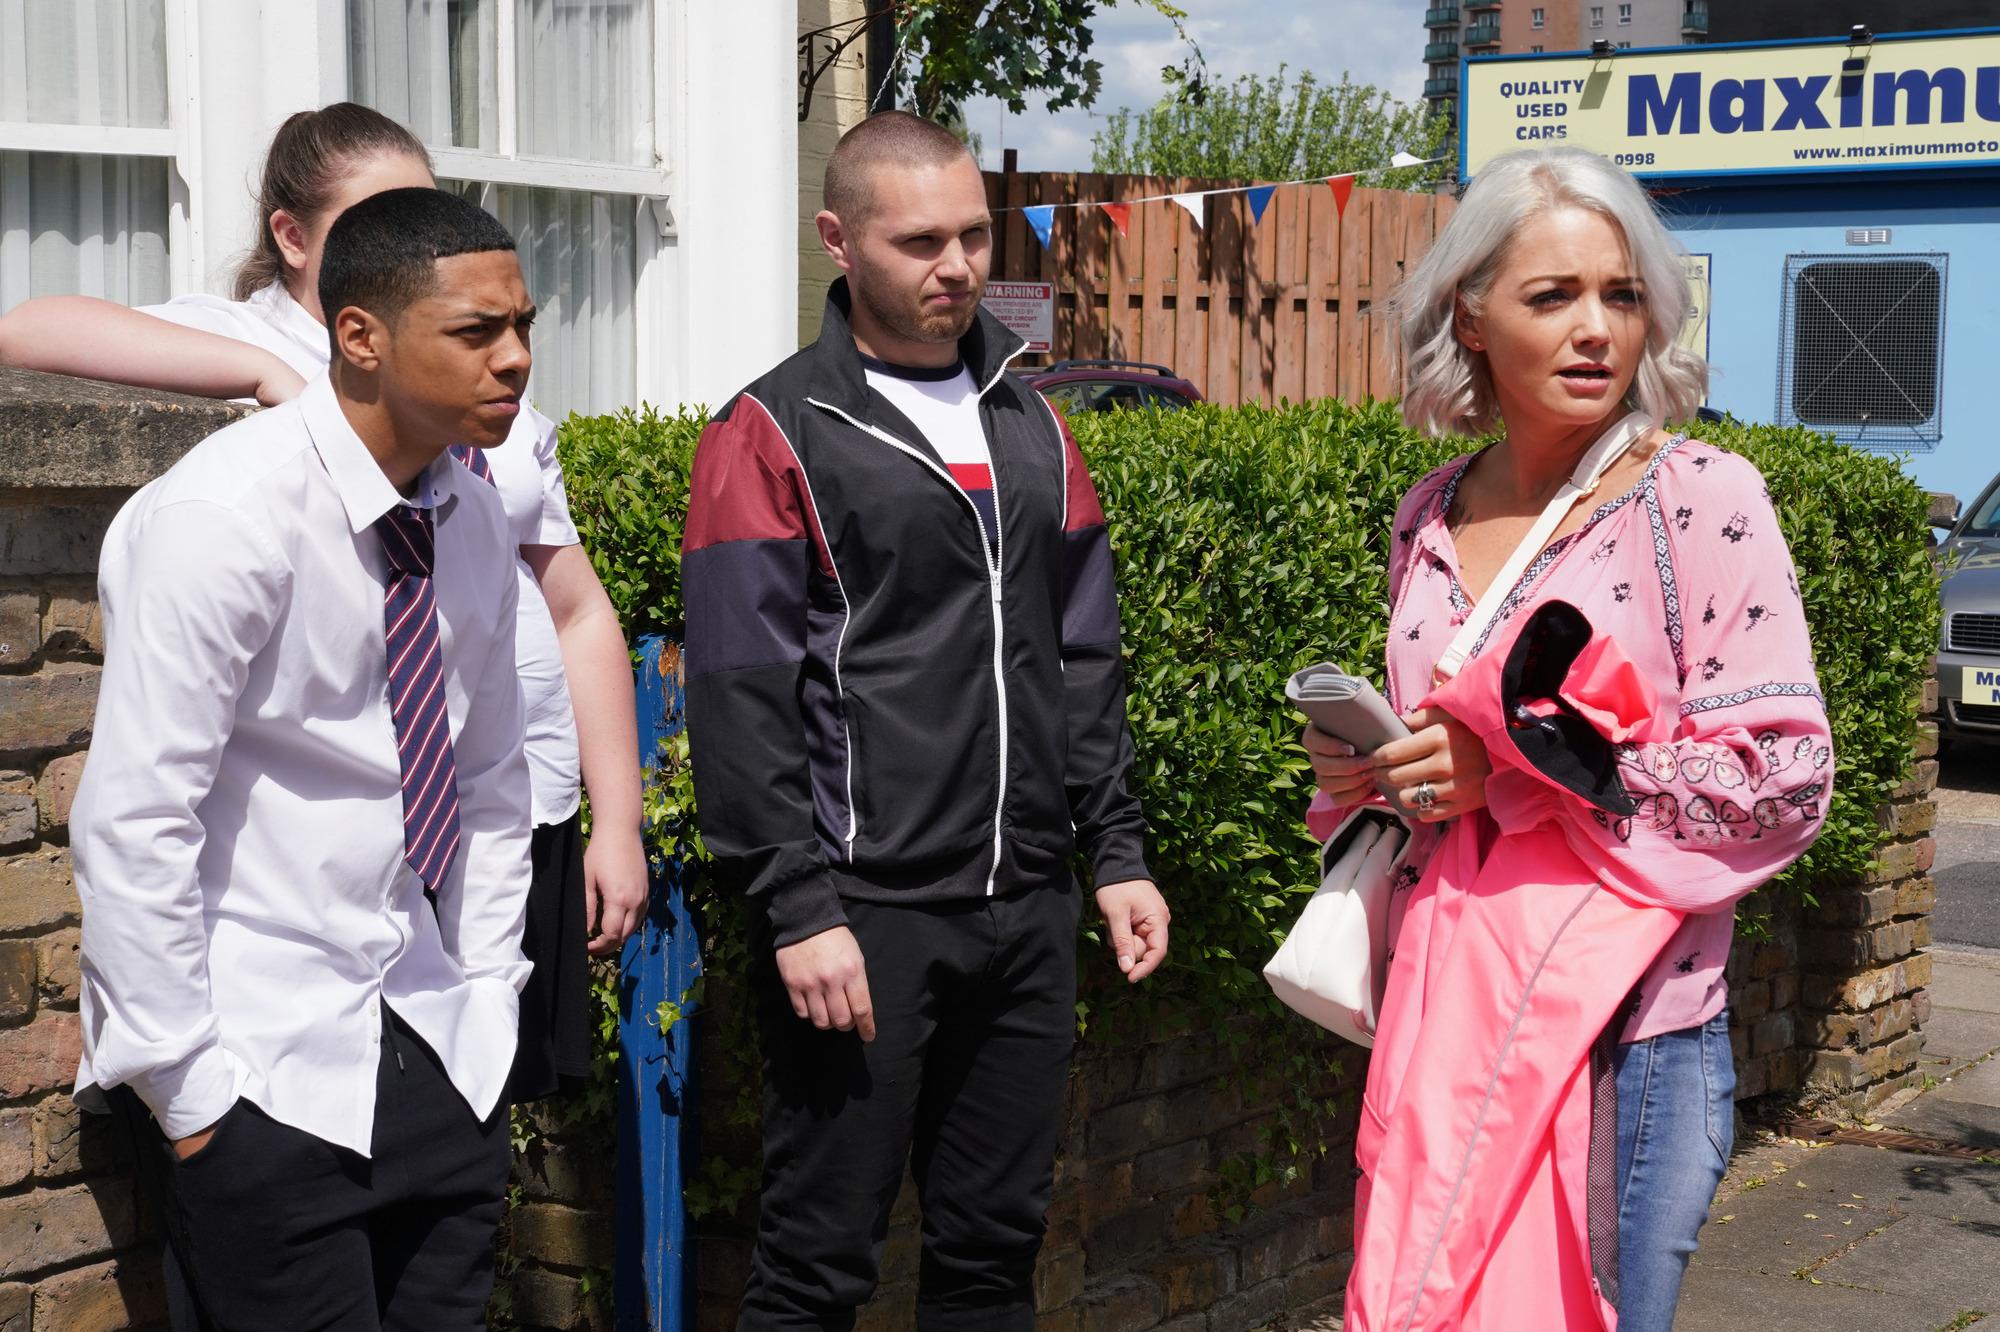 EastEnders spoilers: Hannah Spearritt's return story revealed as Kandice Taylor arrives back